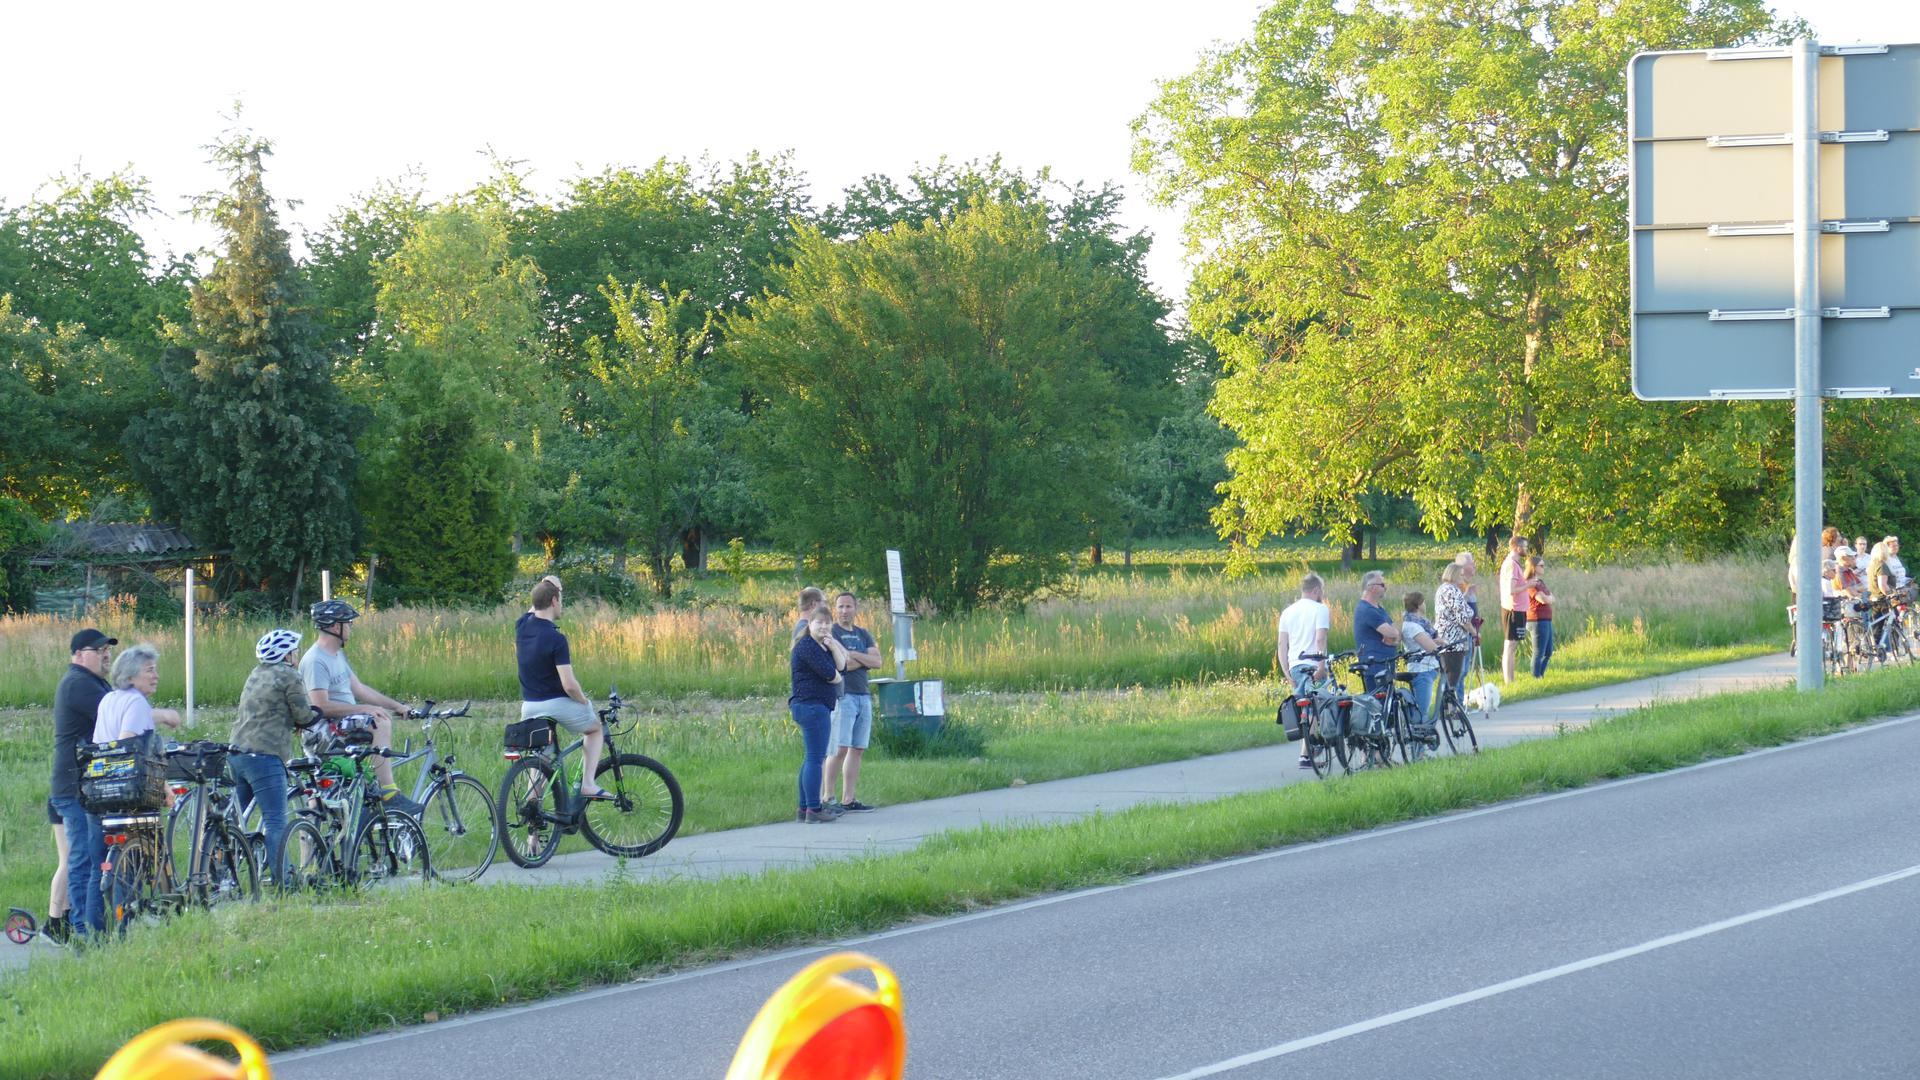 Einige Radfahrer stehen auf einem Weg.